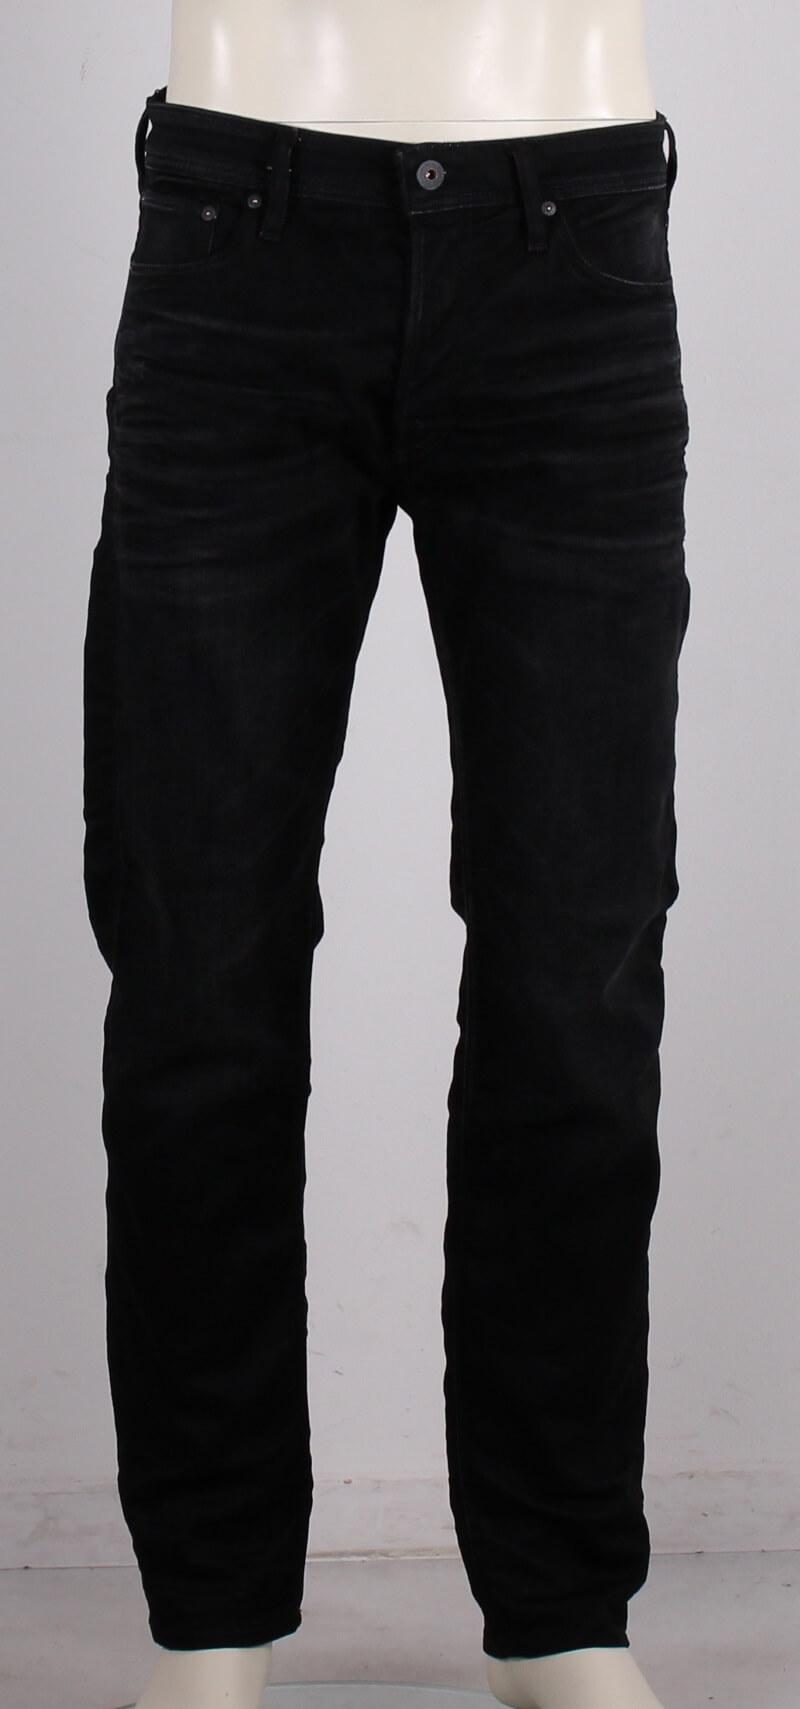 Jack&Jones – Mike Jeans – Comfort – Sort denim